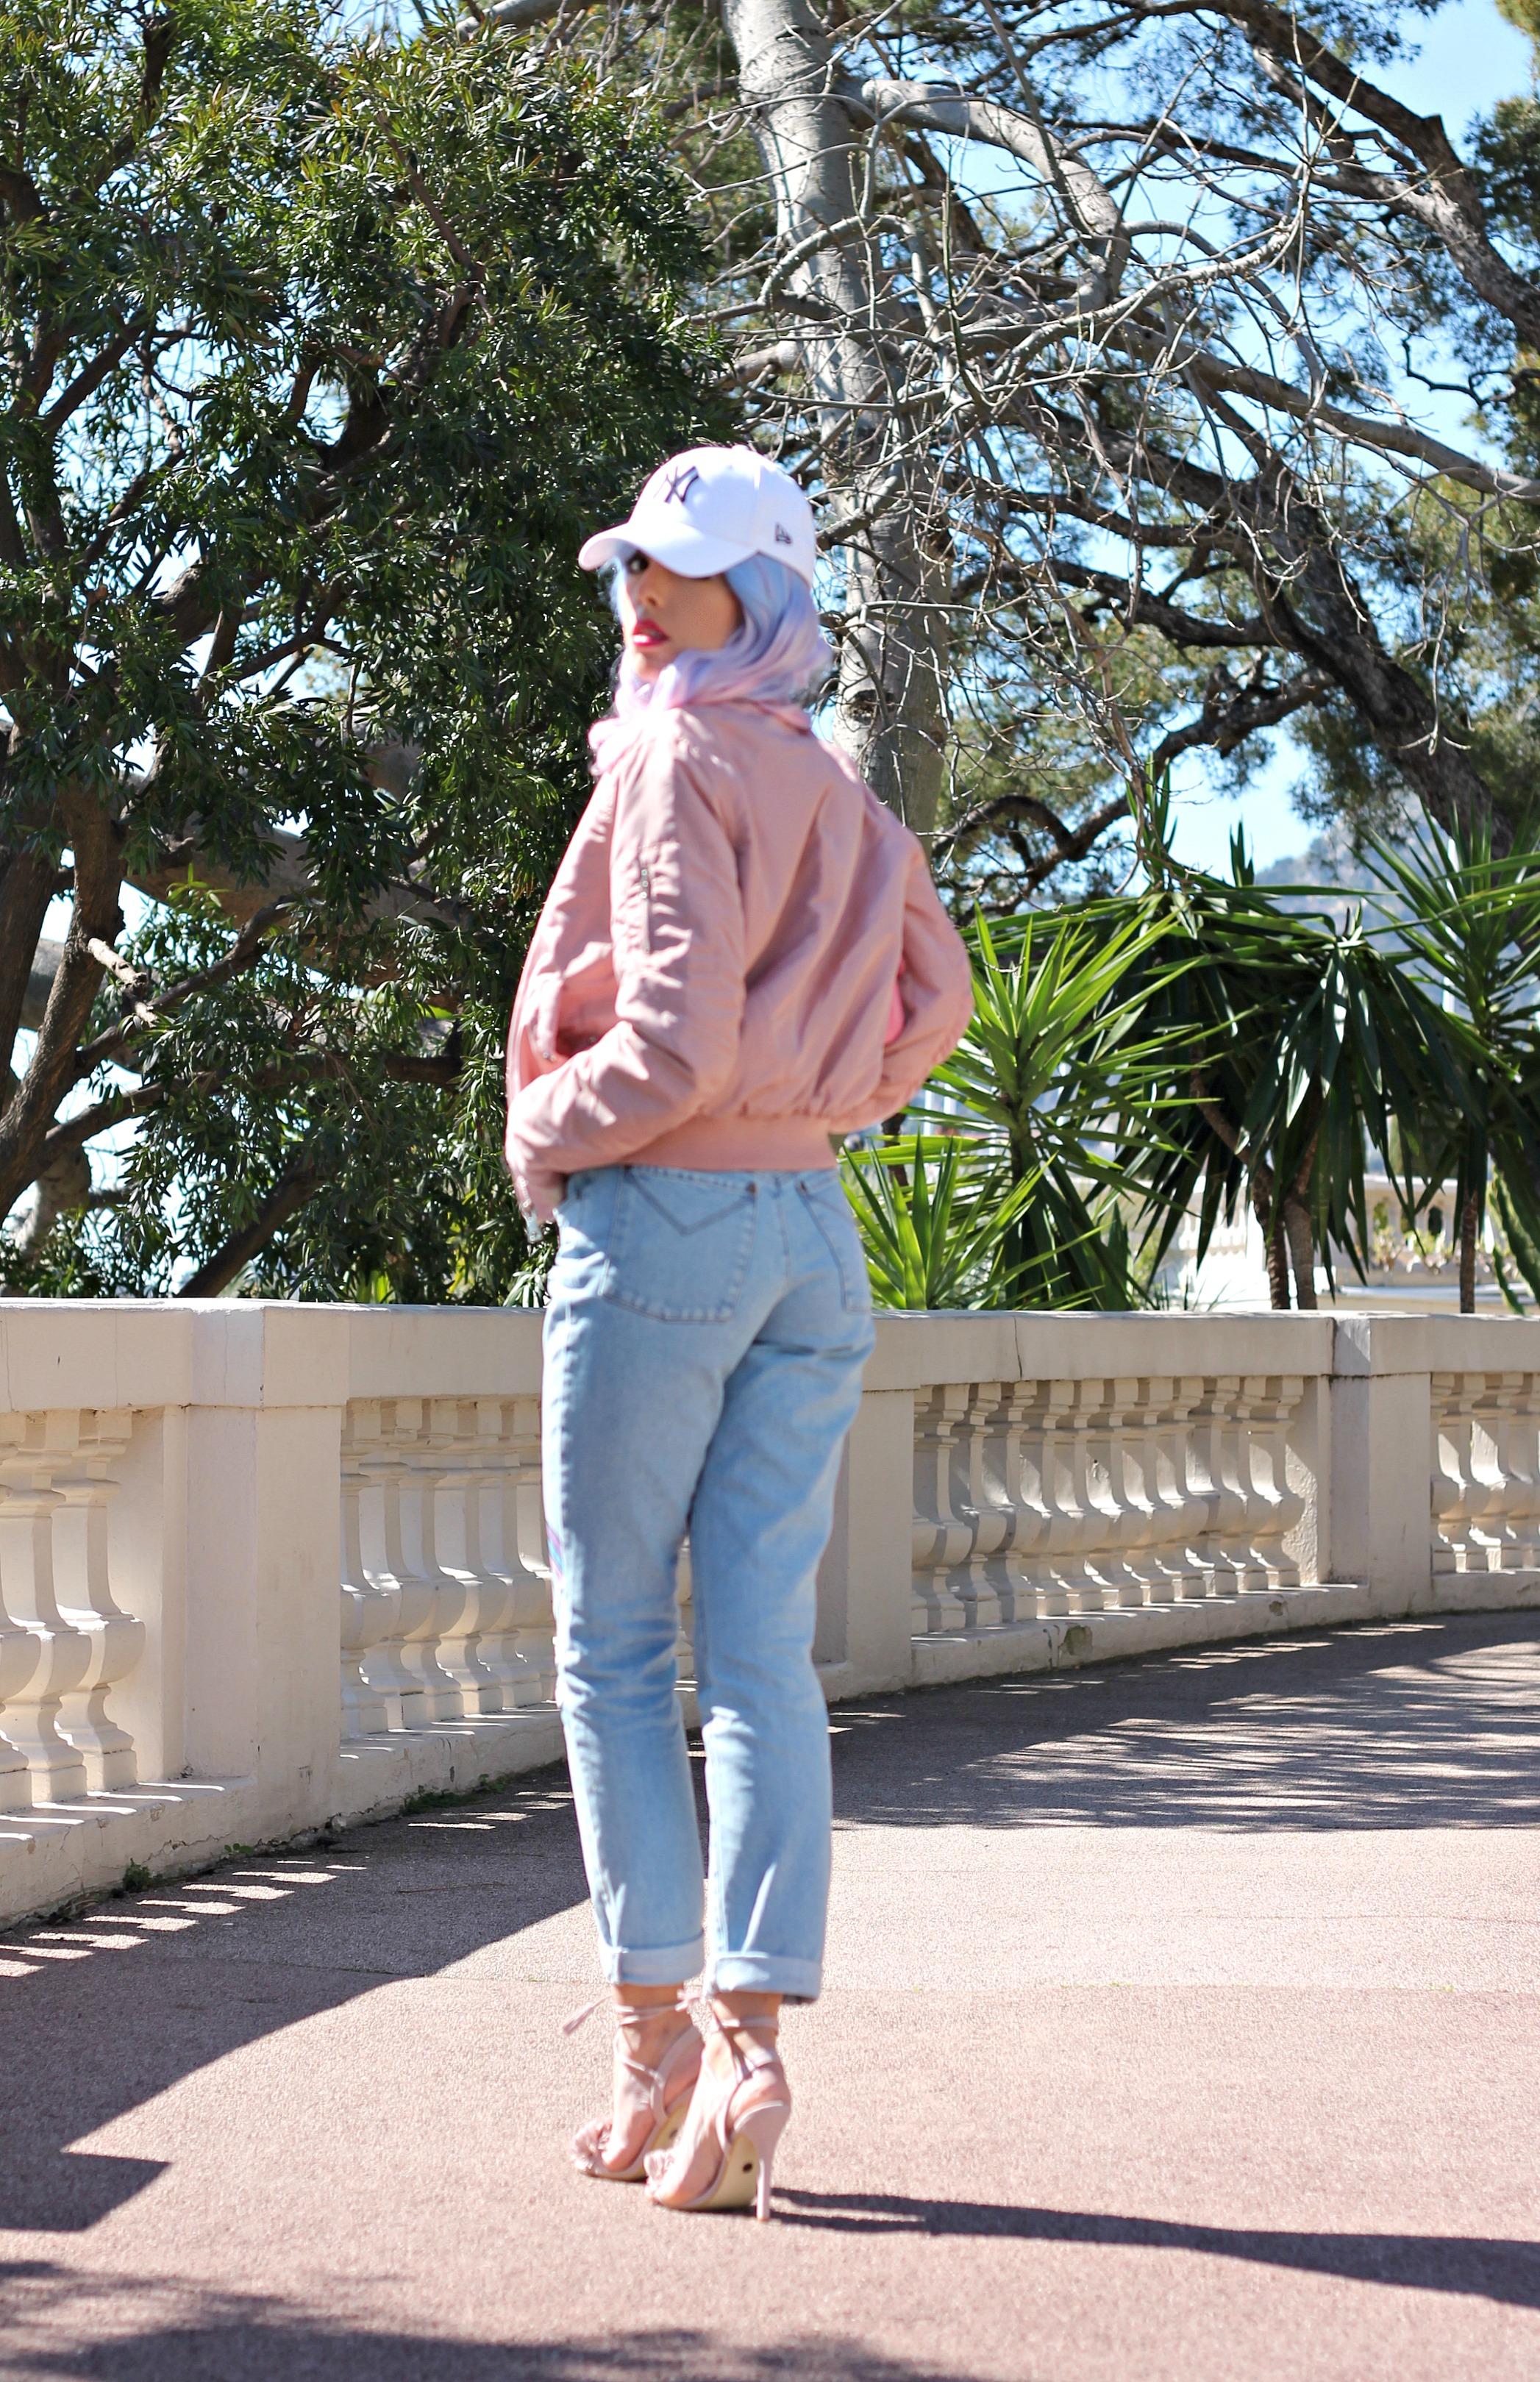 the ragged priest jeans, tendenze primavera estate 2016, tendenze moda 2016, bomber primavera 2016, borsa chanel rosa, capelli pastello, outfit primavera 2016, fashion blog, fashion blogger italiane, fashion bloggers, migliori look primavera estate 2016, moda blogger 2016, pink trend, accessori rosa 2016, sandali asos 2016,elisa bellino, theladycracy.it, mom jeans, quali jeans vanno di moda, jeans a vita alta